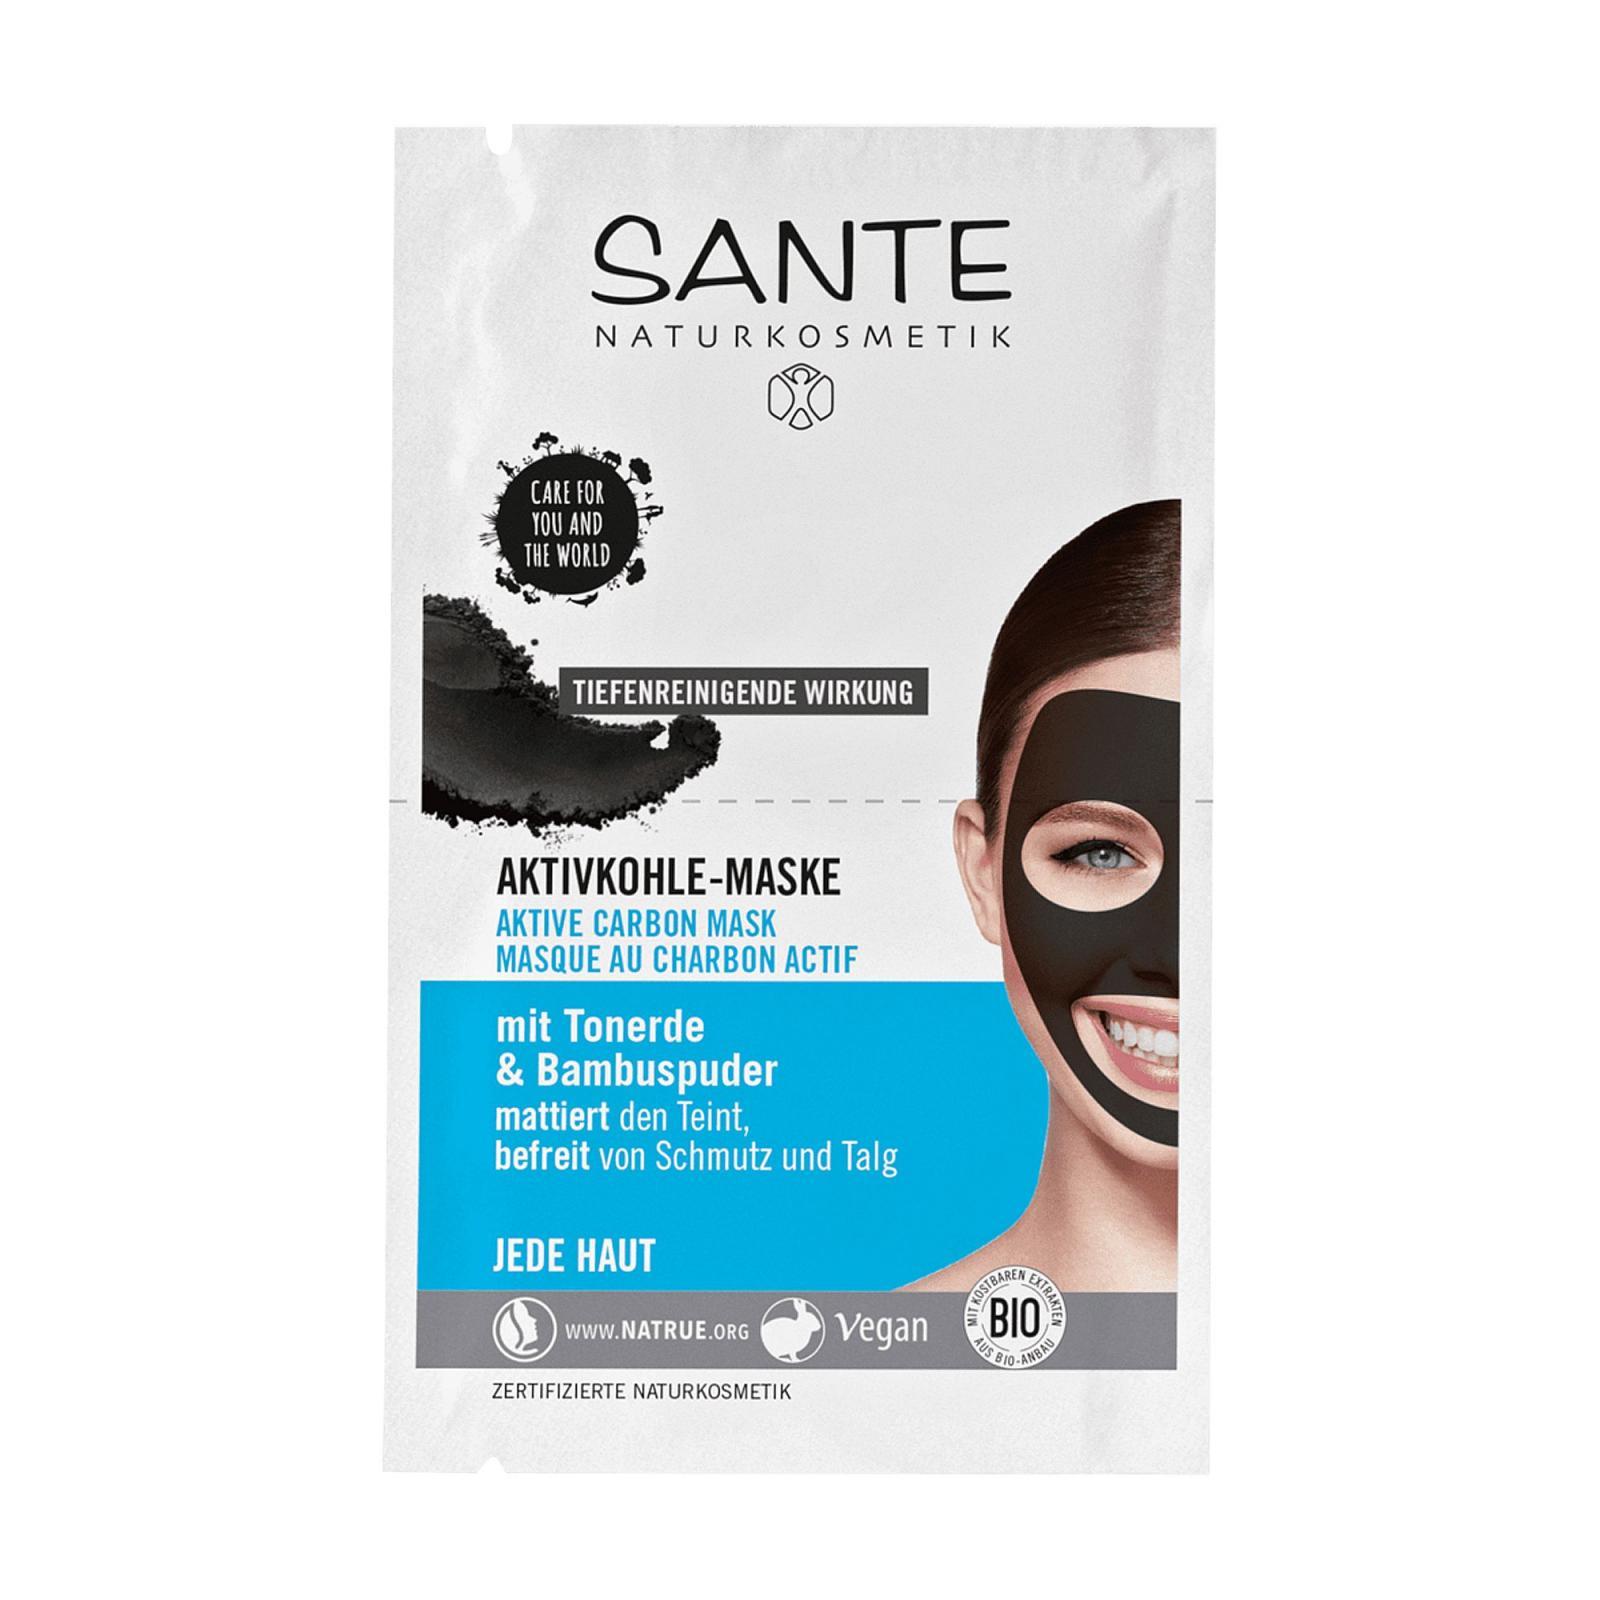 SANTE Pleťová maska s aktivním uhlím 2 x 4 ml